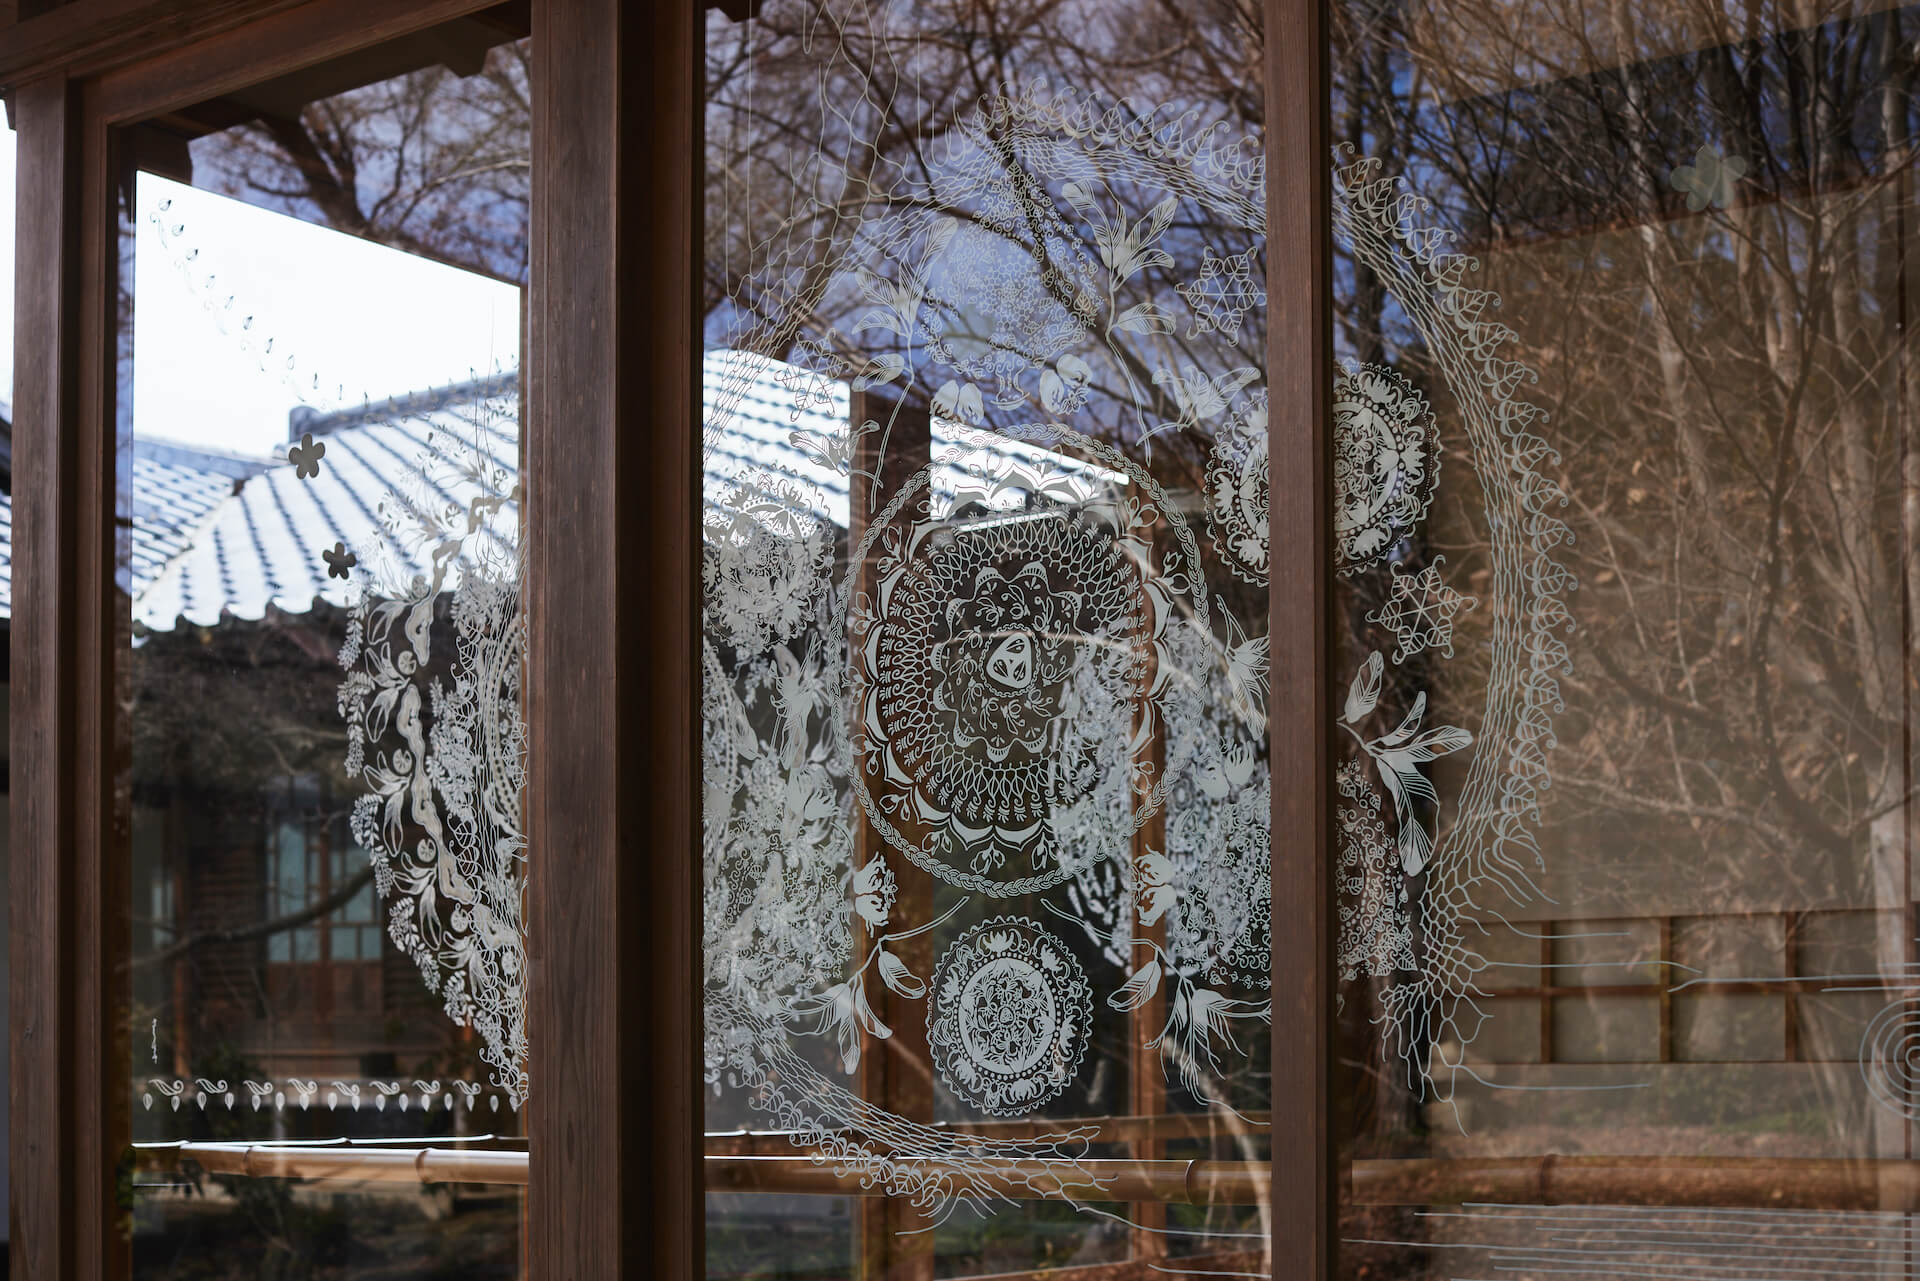 バーチャルを駆使した仮想大中寺で禅の世界を体感<MUSO Culture Festival 2021>レポート column210318_muso-03